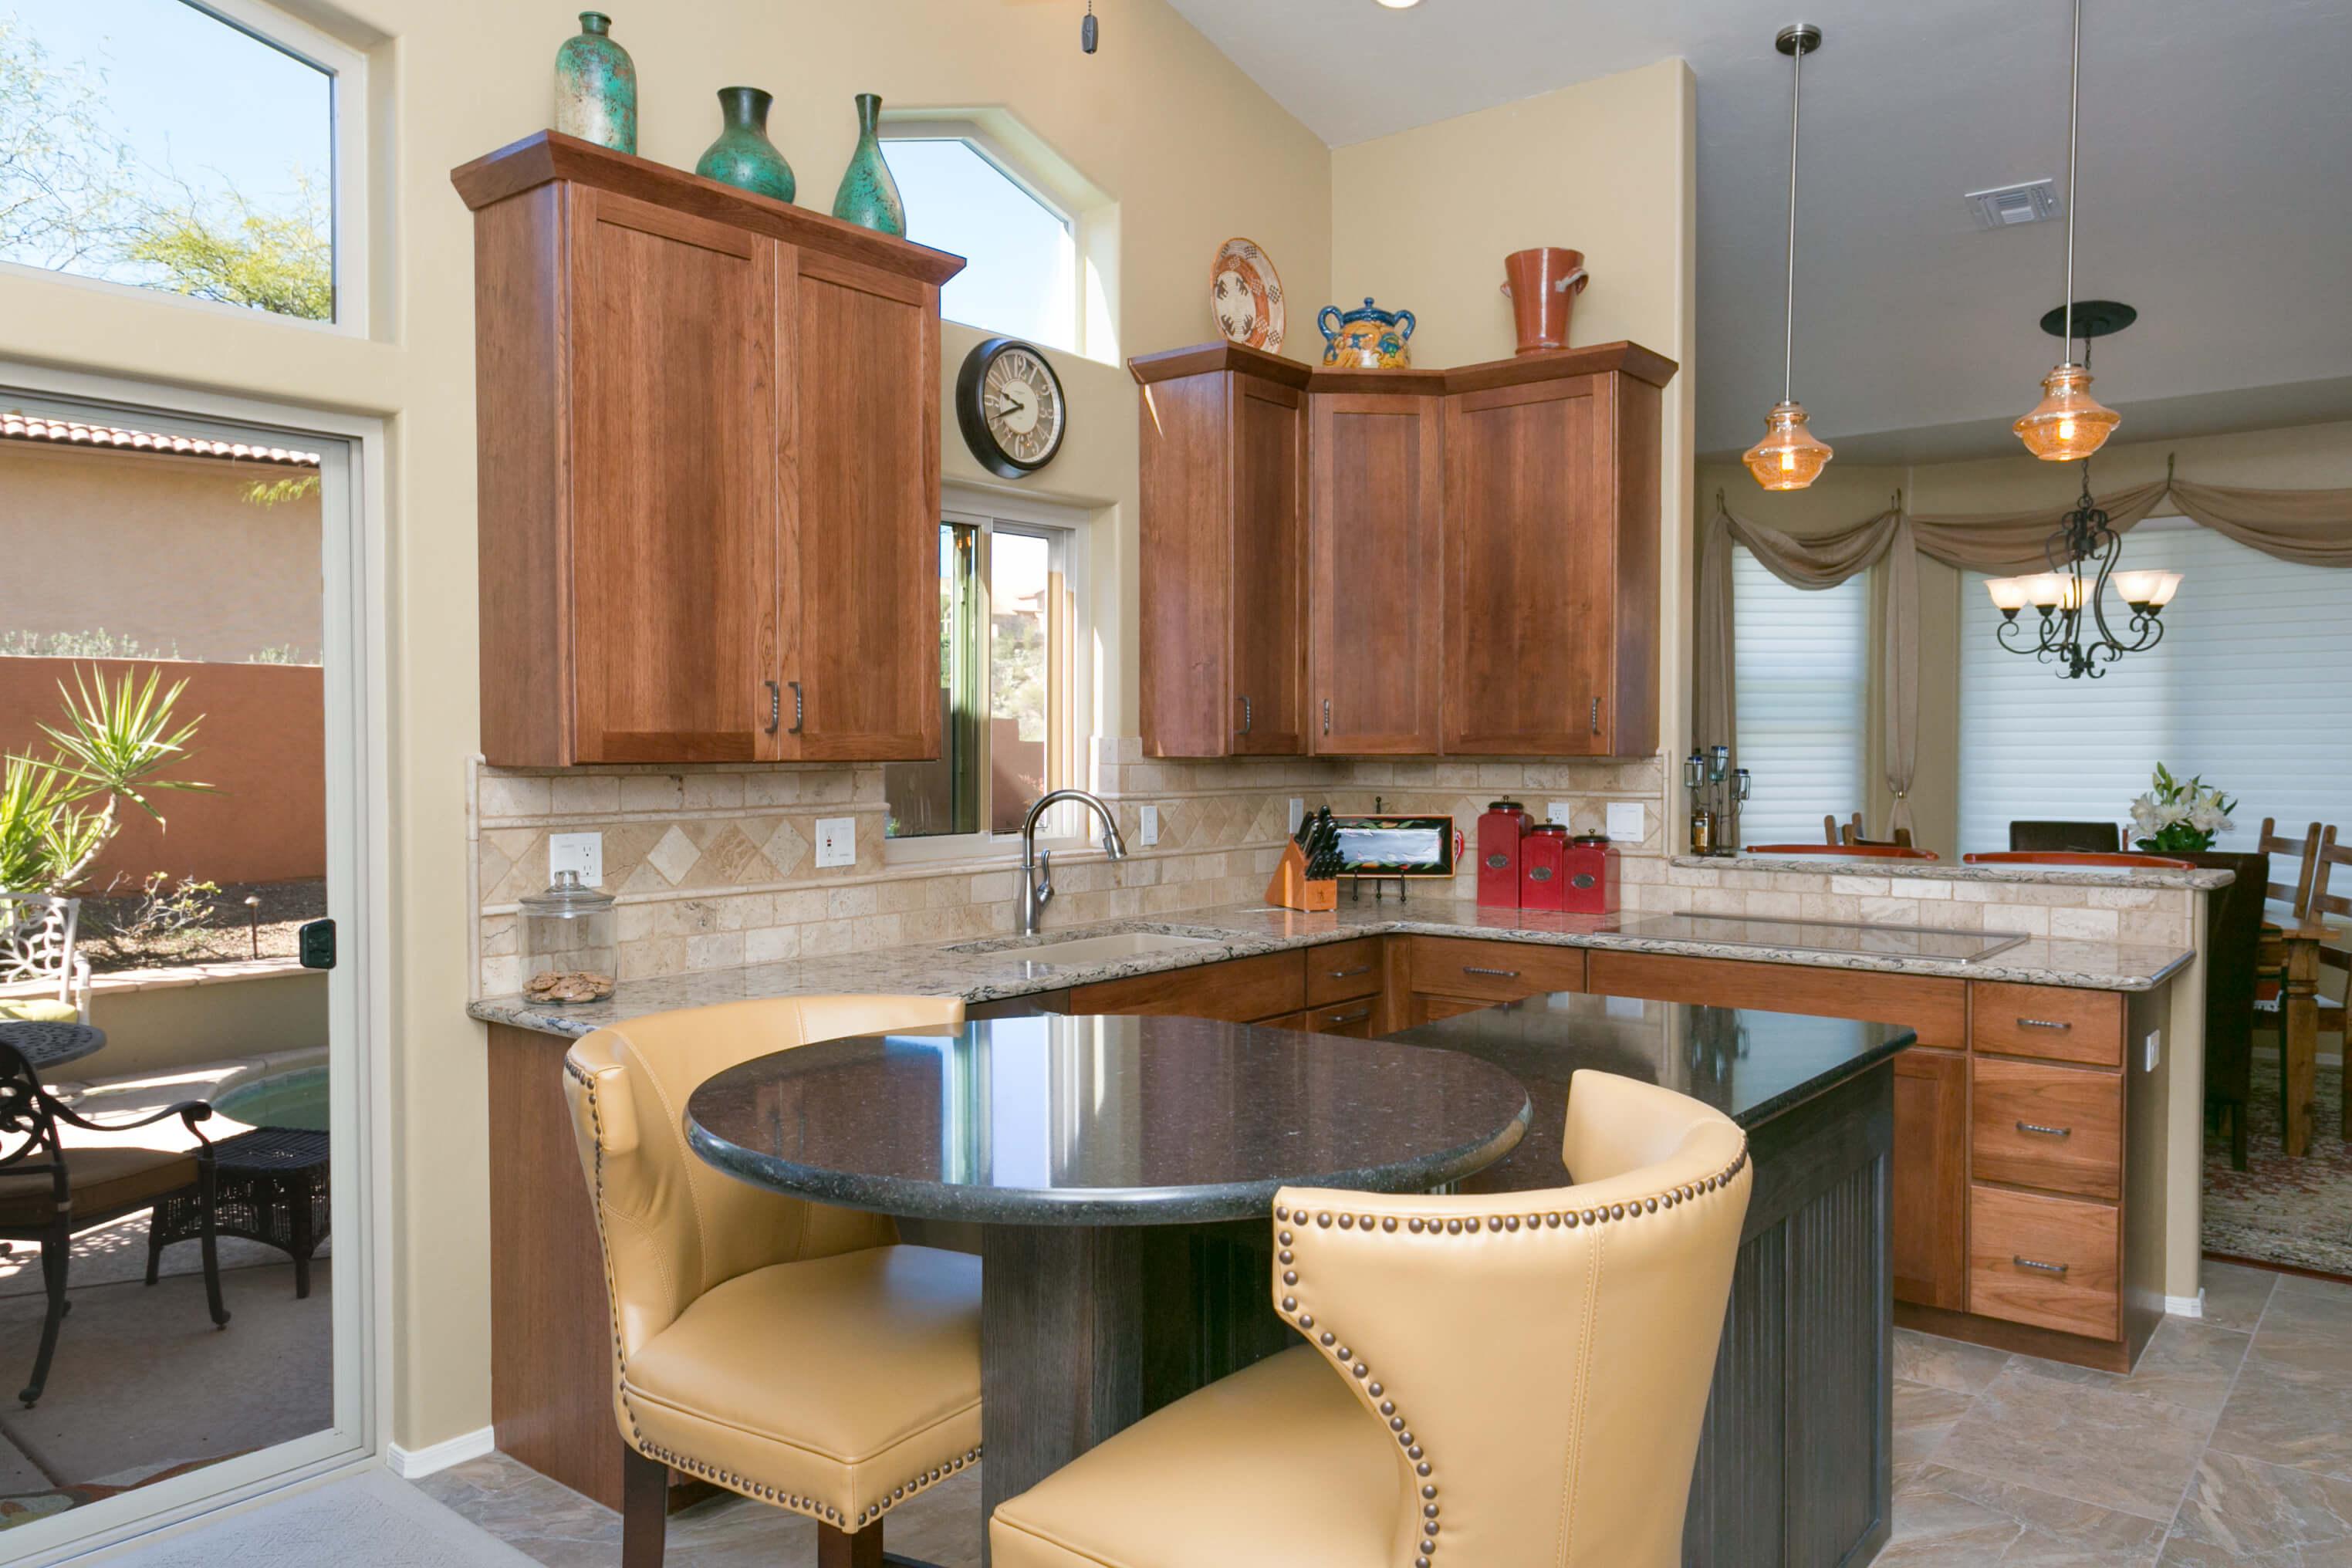 Gurtcheff Kitchen Remodel Designer Laura Wallace